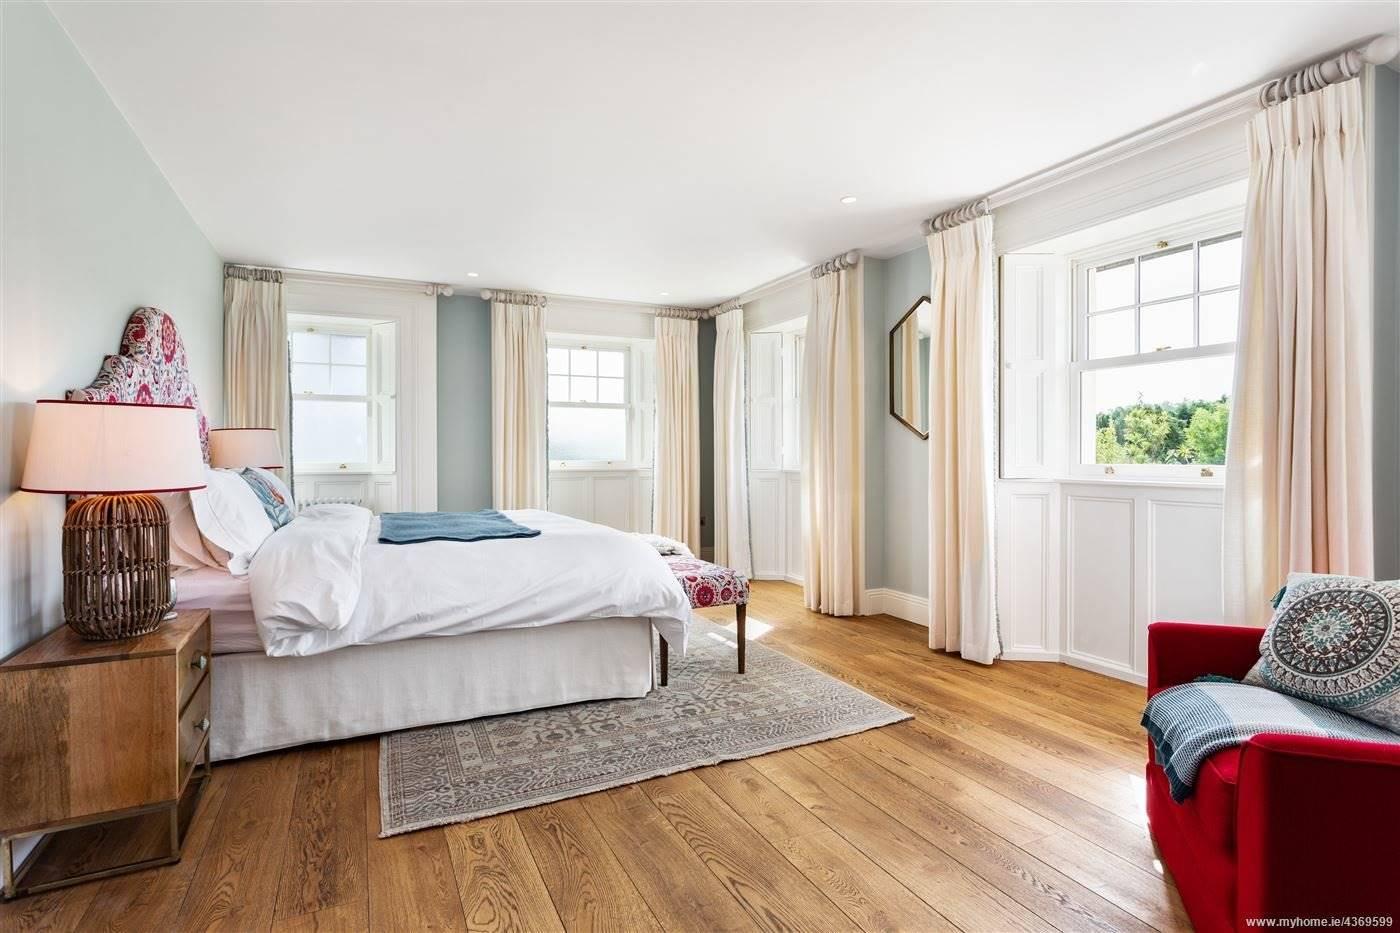 Dormitorio blanco de la casa de Saoirse Ronan de Mujercitas. Una suite principal muy luminosa y con vistas